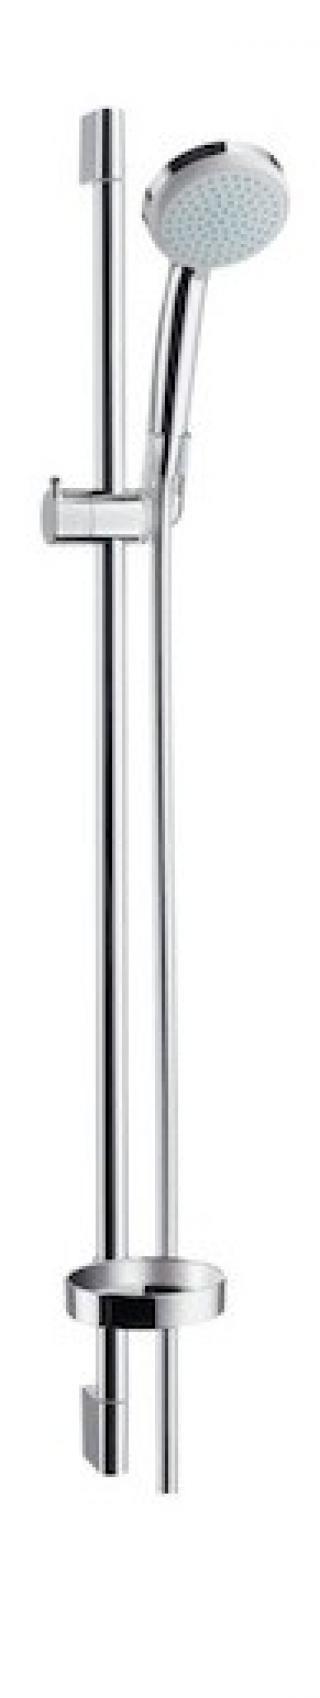 Sprchový set Hansgrohe Croma 100 s mýdlenkou chrom 27653000 chrom chrom